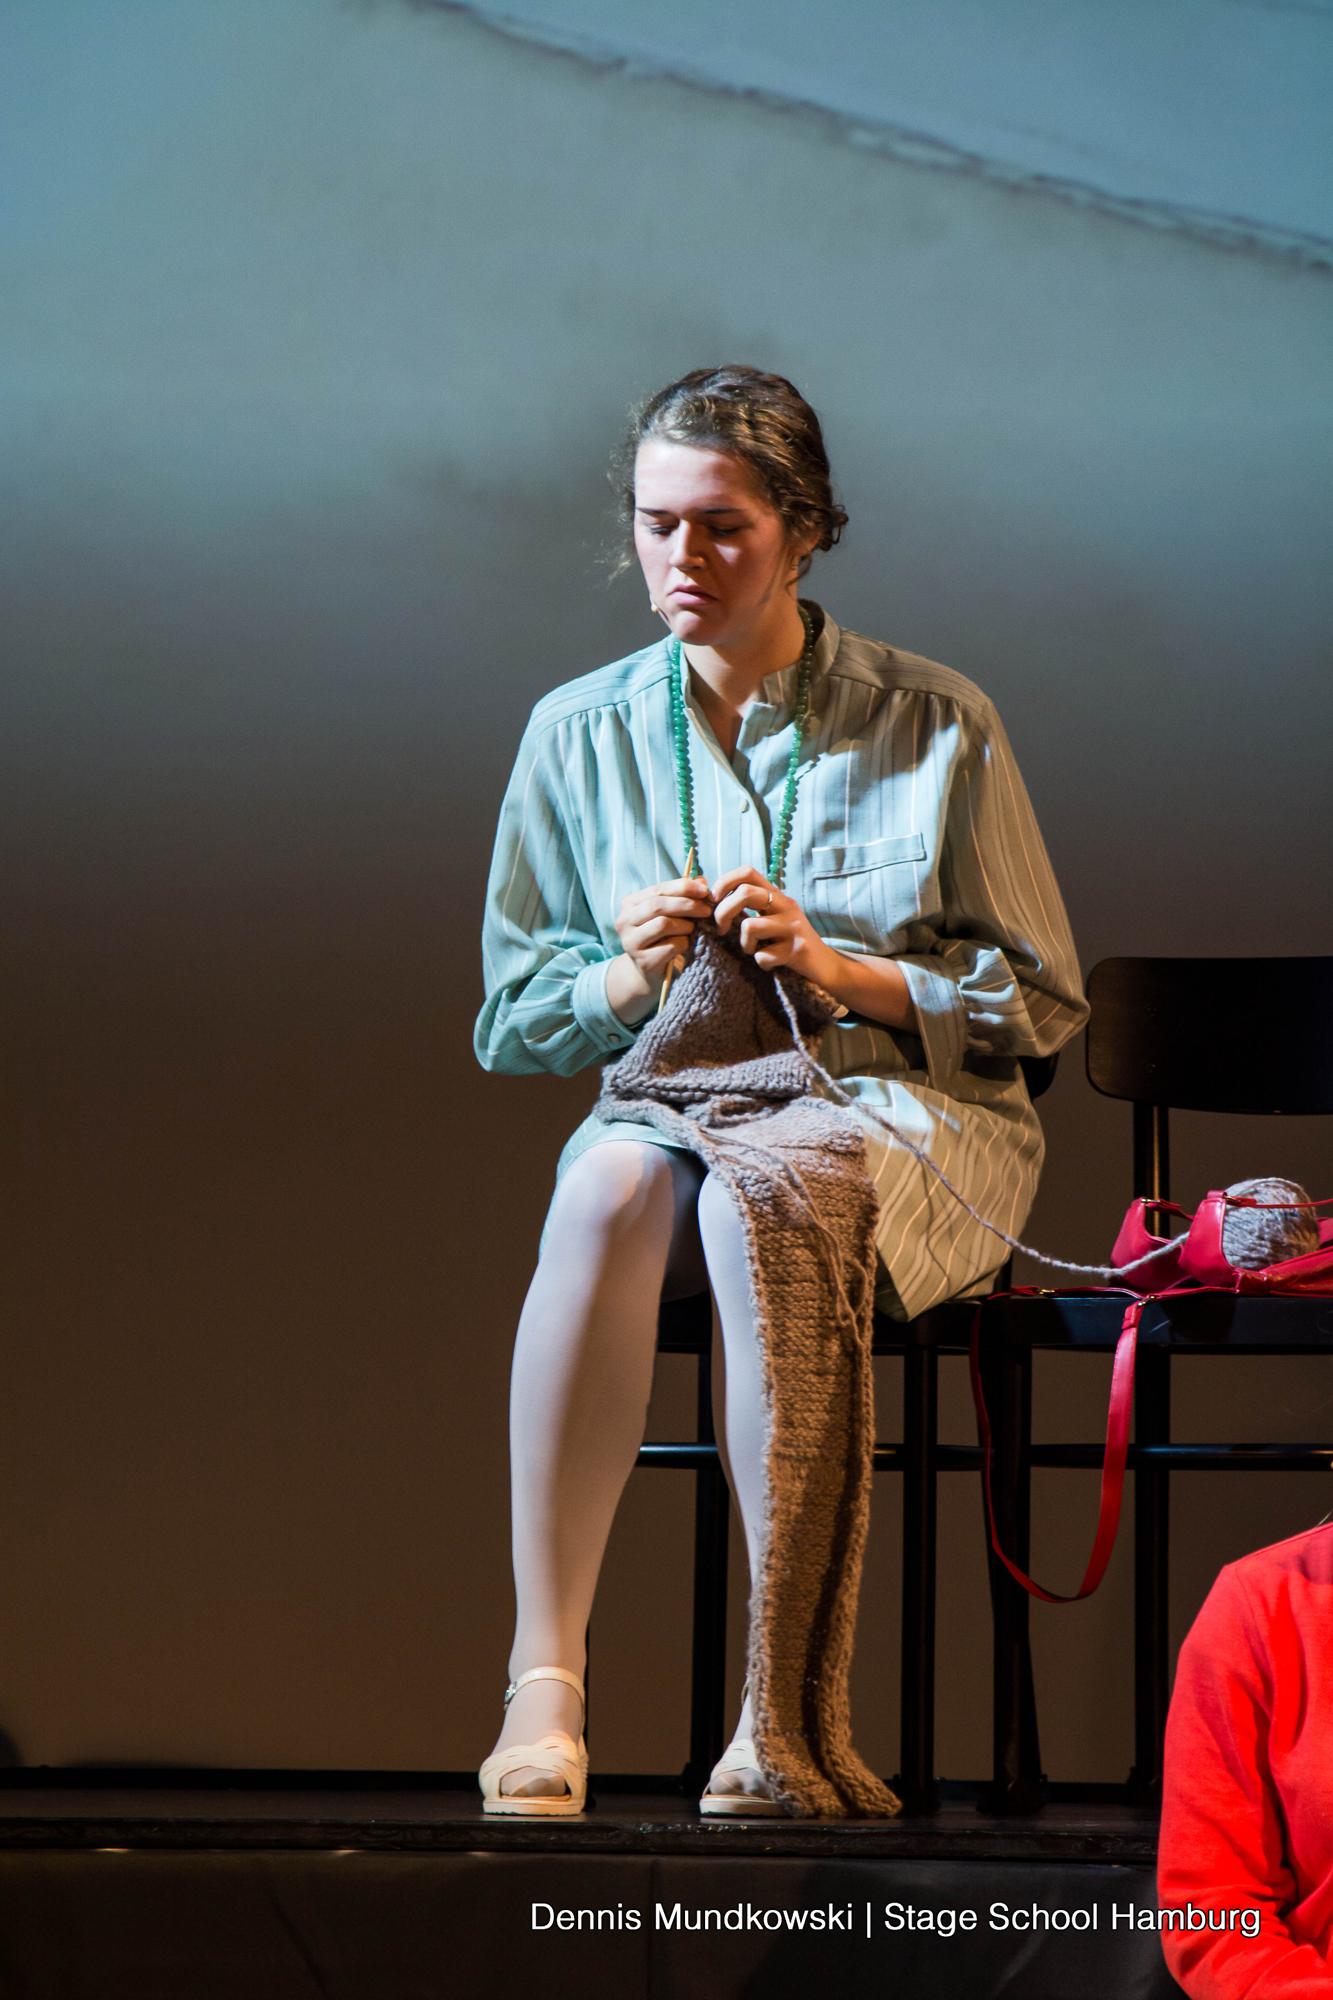 © Dennis Mundkowski: Linie 1 - Das Musical, 2016 [First Stage Theater, Hamburg]